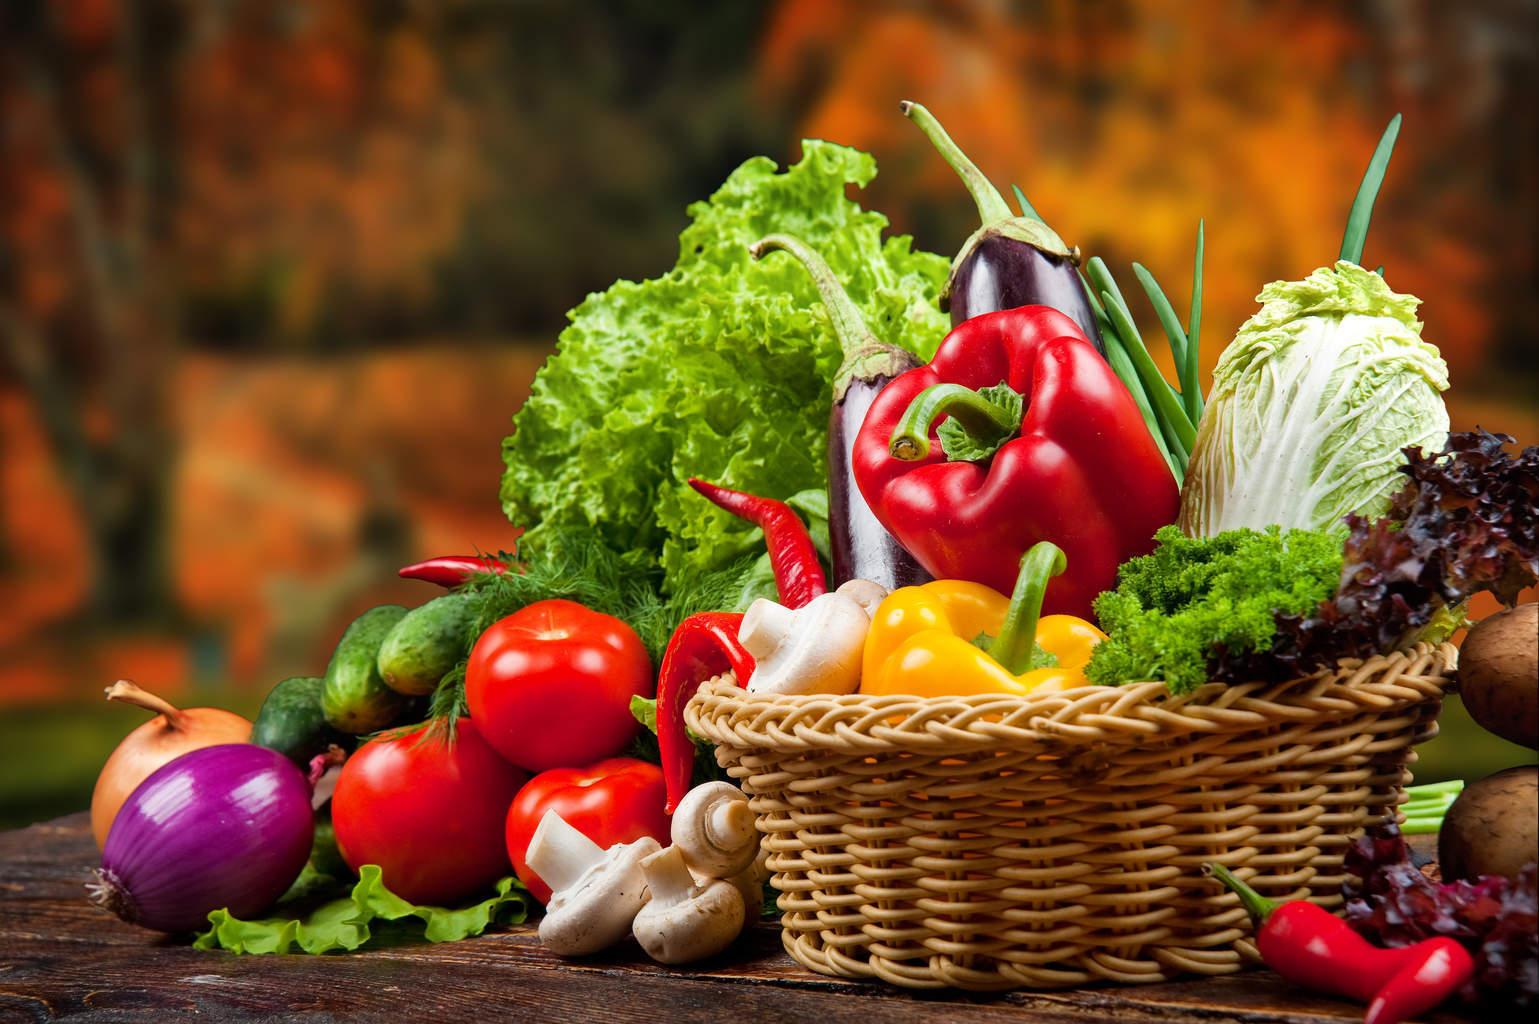 Macam-macam Sayuran Beserta Manfaatnya